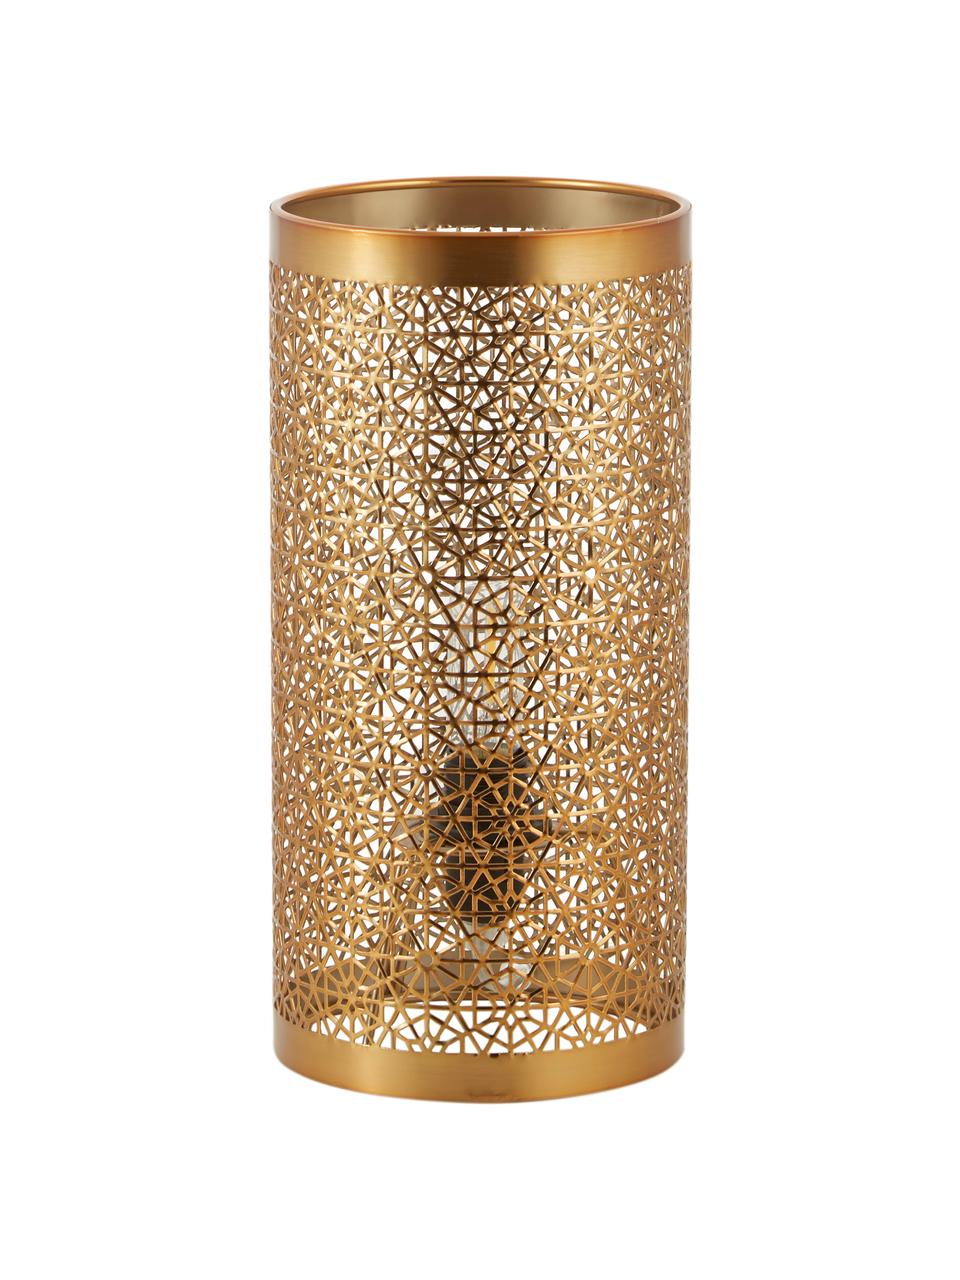 Kleine Boho-Tischlampe Hermine aus Metall, Lampenschirm: Messing, Messing, matt, Ø 14 x H 28 cm